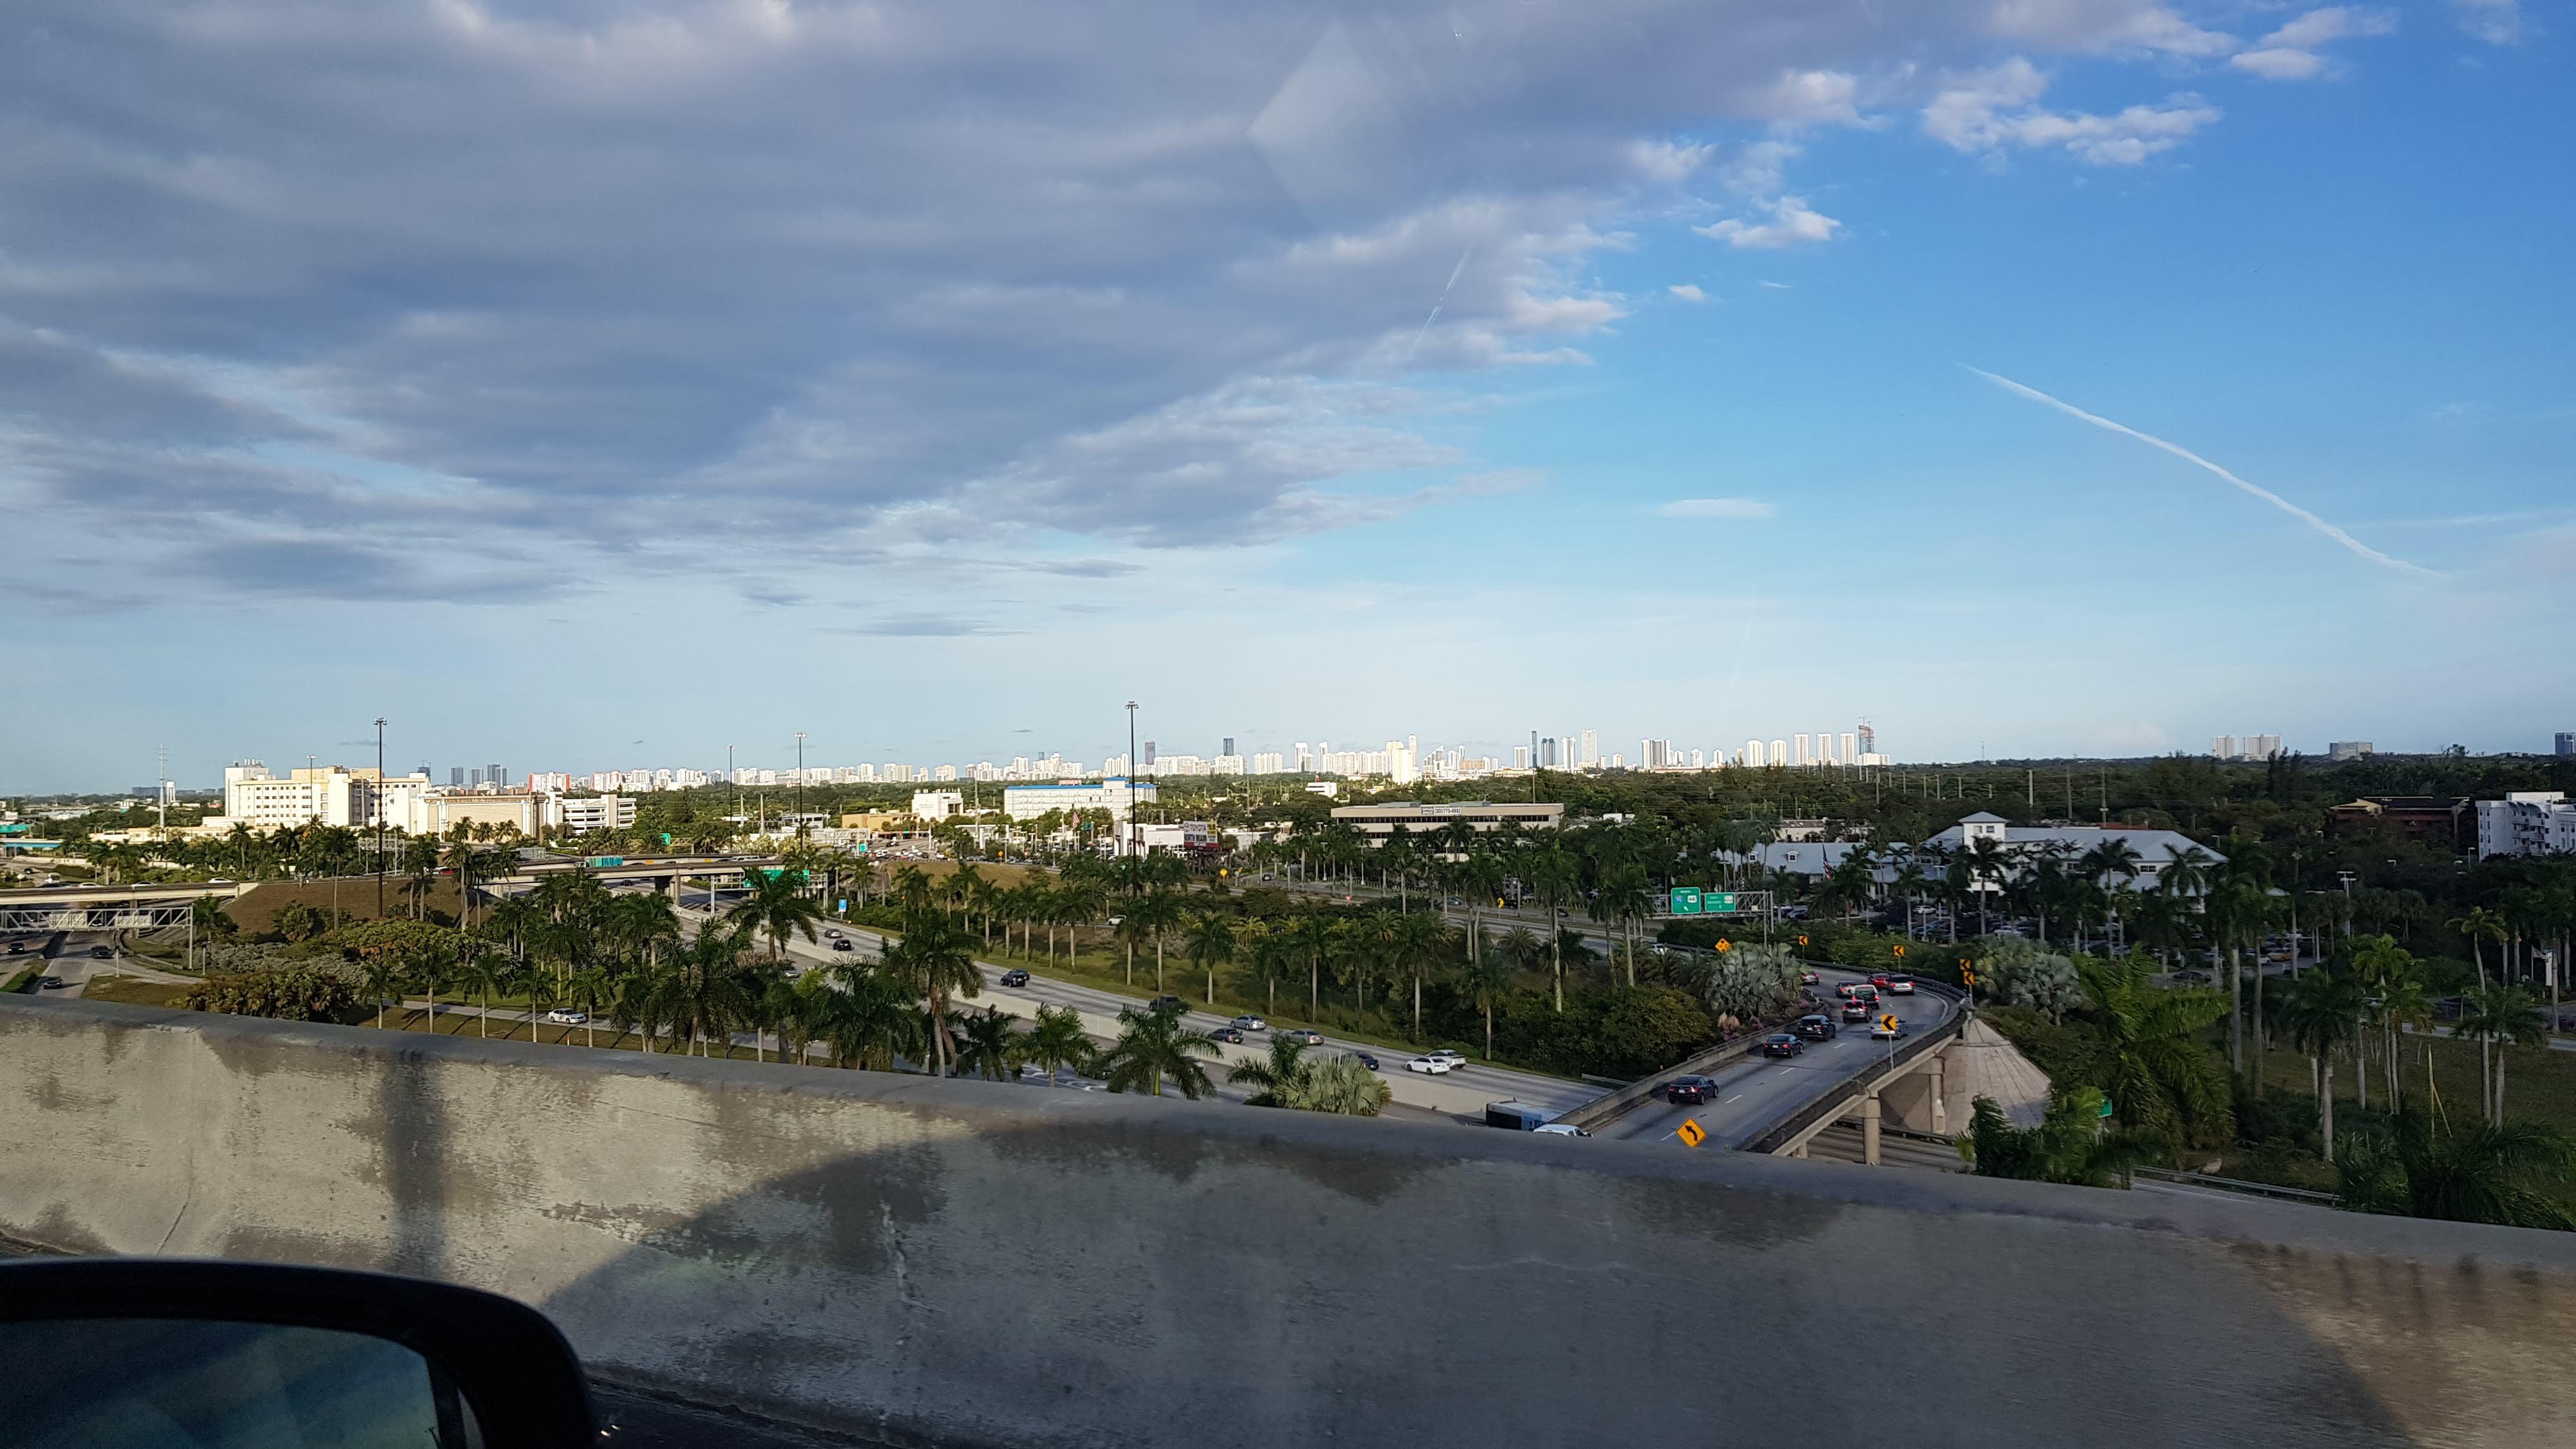 Le rêve est devenu réalité... Kennedy Space Center, WDW, Ste Pete, Fort Myers, Everglade et finalement Miami 20181024